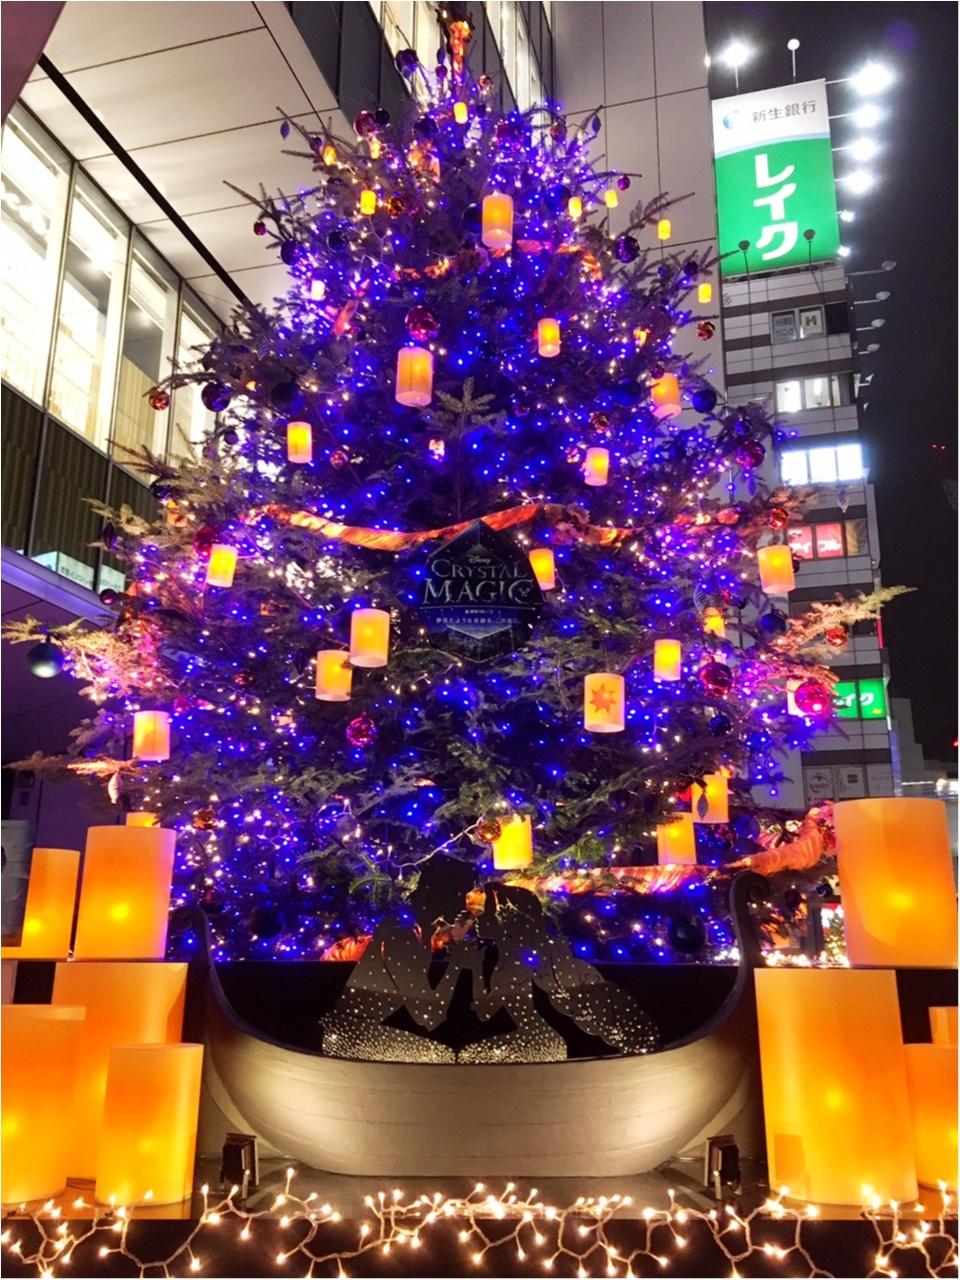 『渋谷ヒカリエ』のクリスマスはディズニープリンセスたちとコラボ♡『ラプンツェル・ツリー』点灯式に行ってきました(﹡´◡`﹡ )♡_1